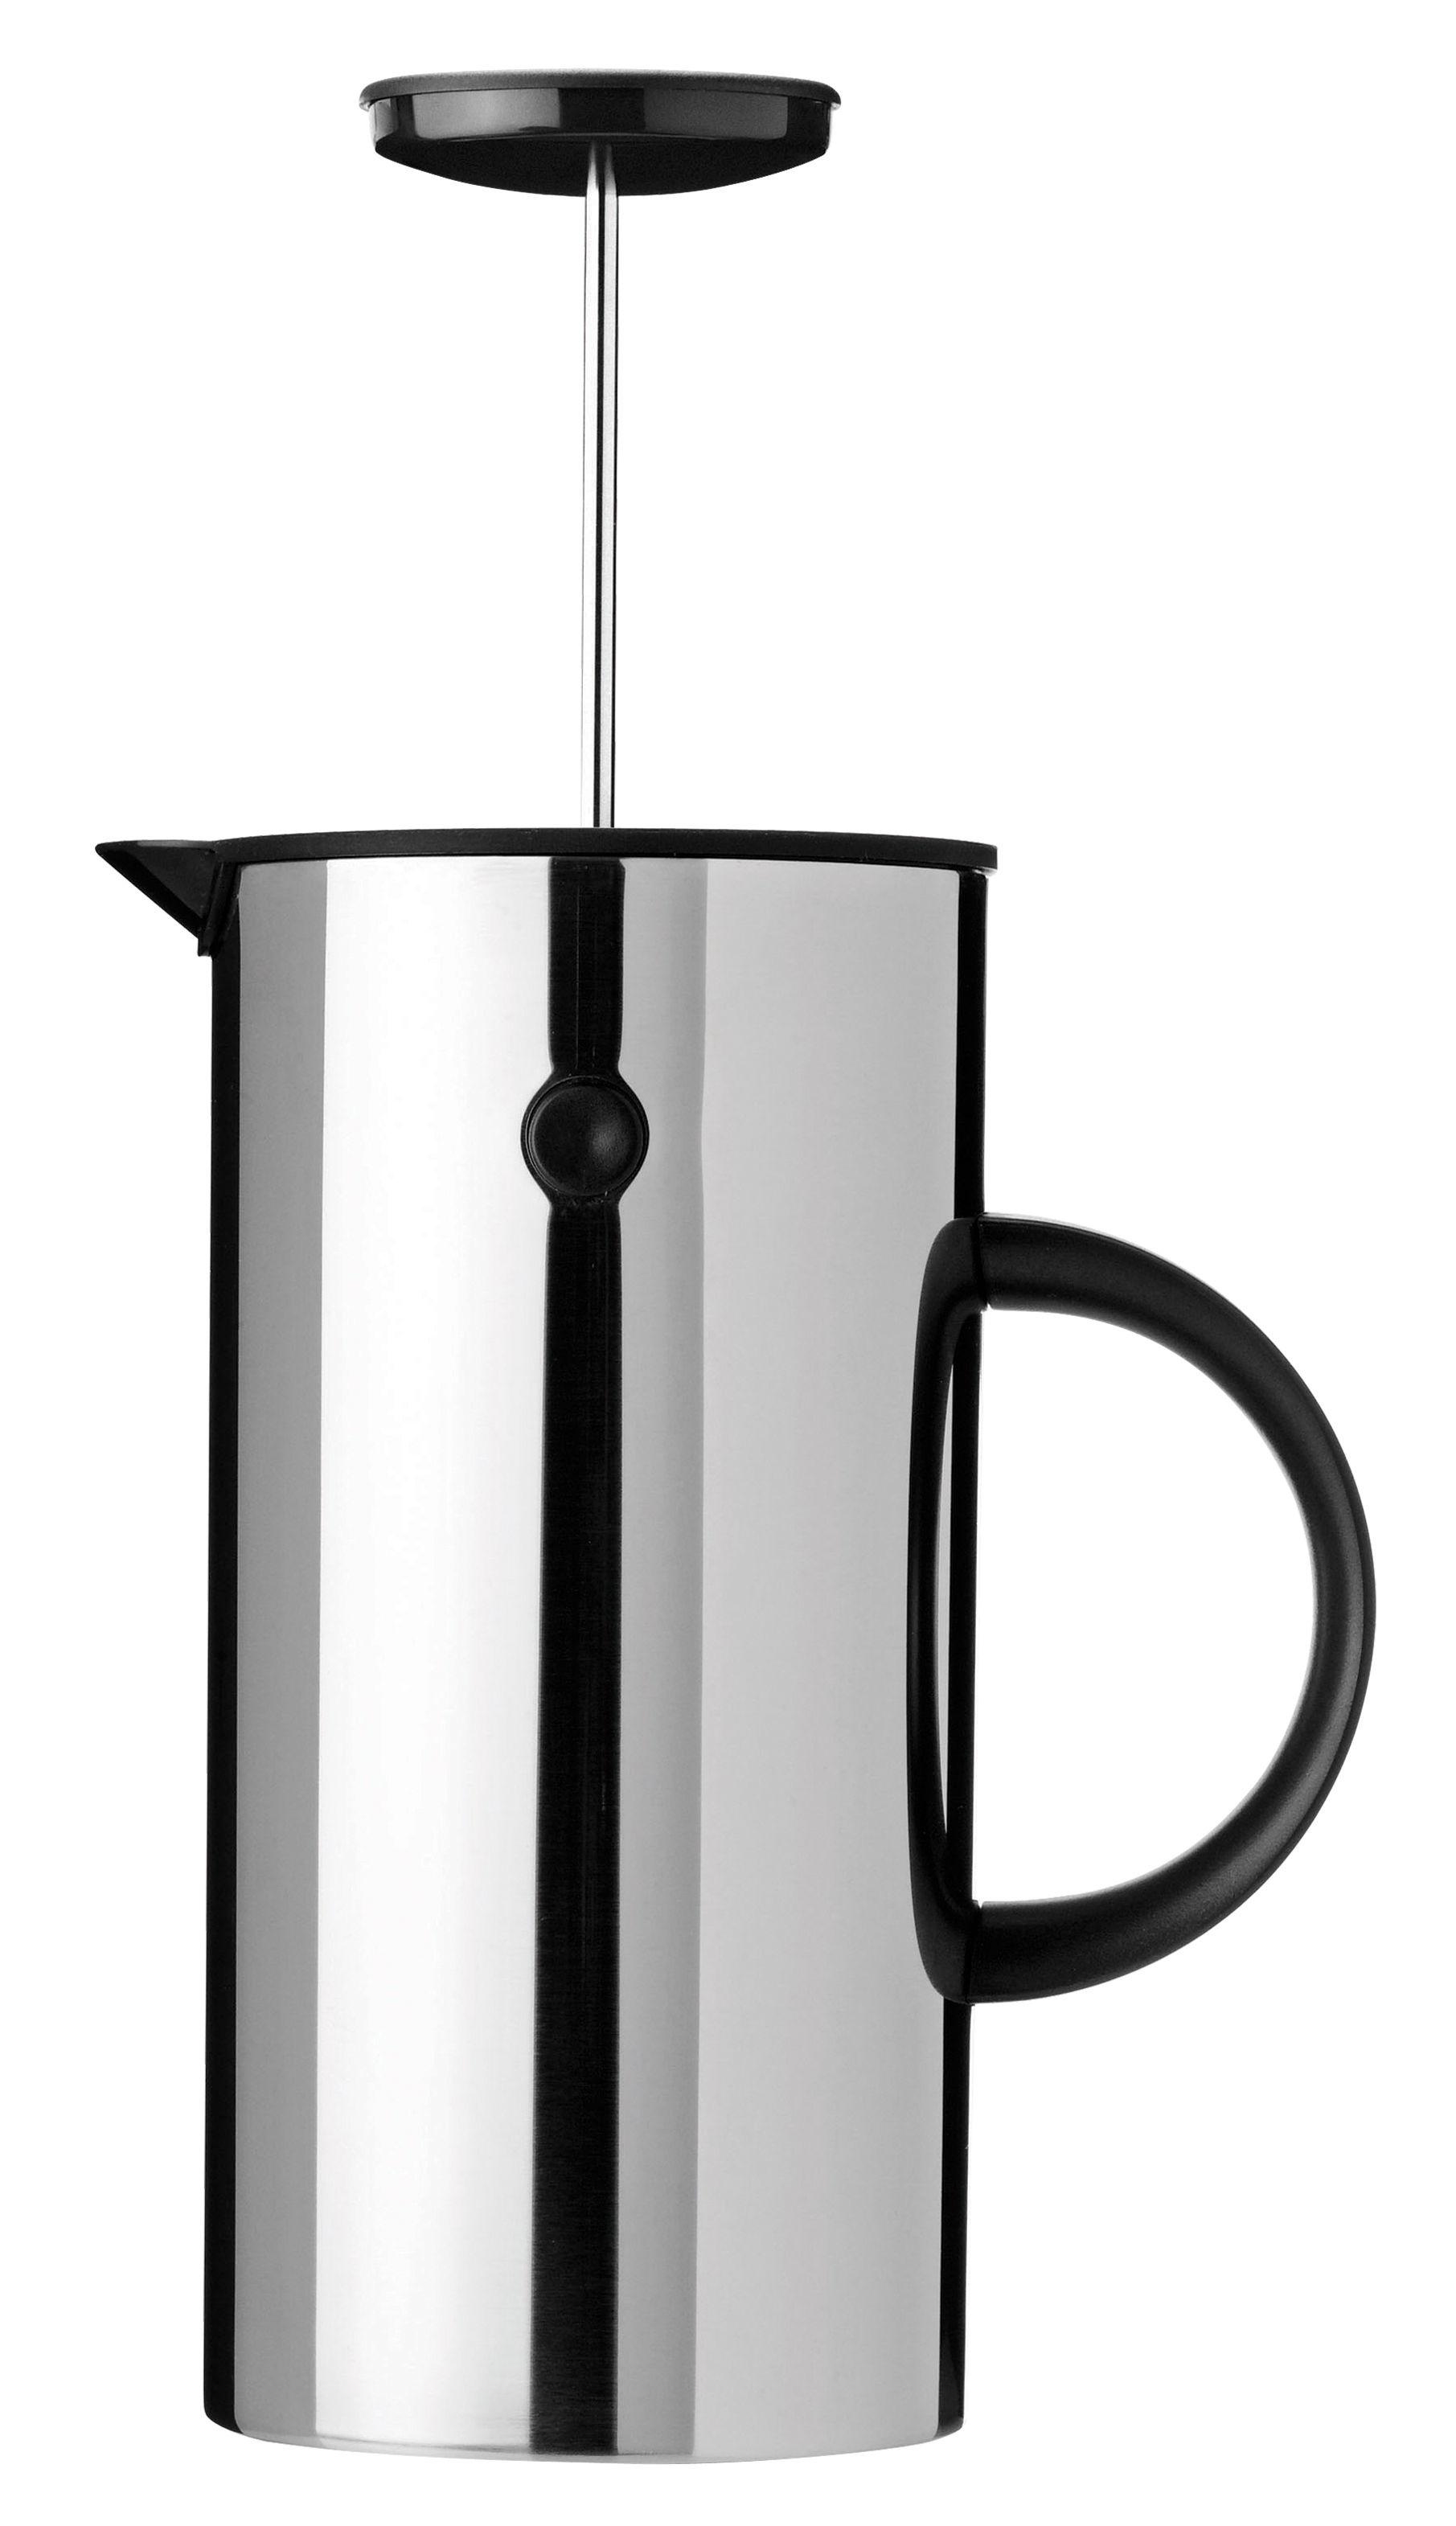 Küche - Kaffekannen - Classic Druckkolben-Kaffeemaschine / fasst 8 Tassen - Stelton - Stahl - ABS, Acier inoxydable 18/10